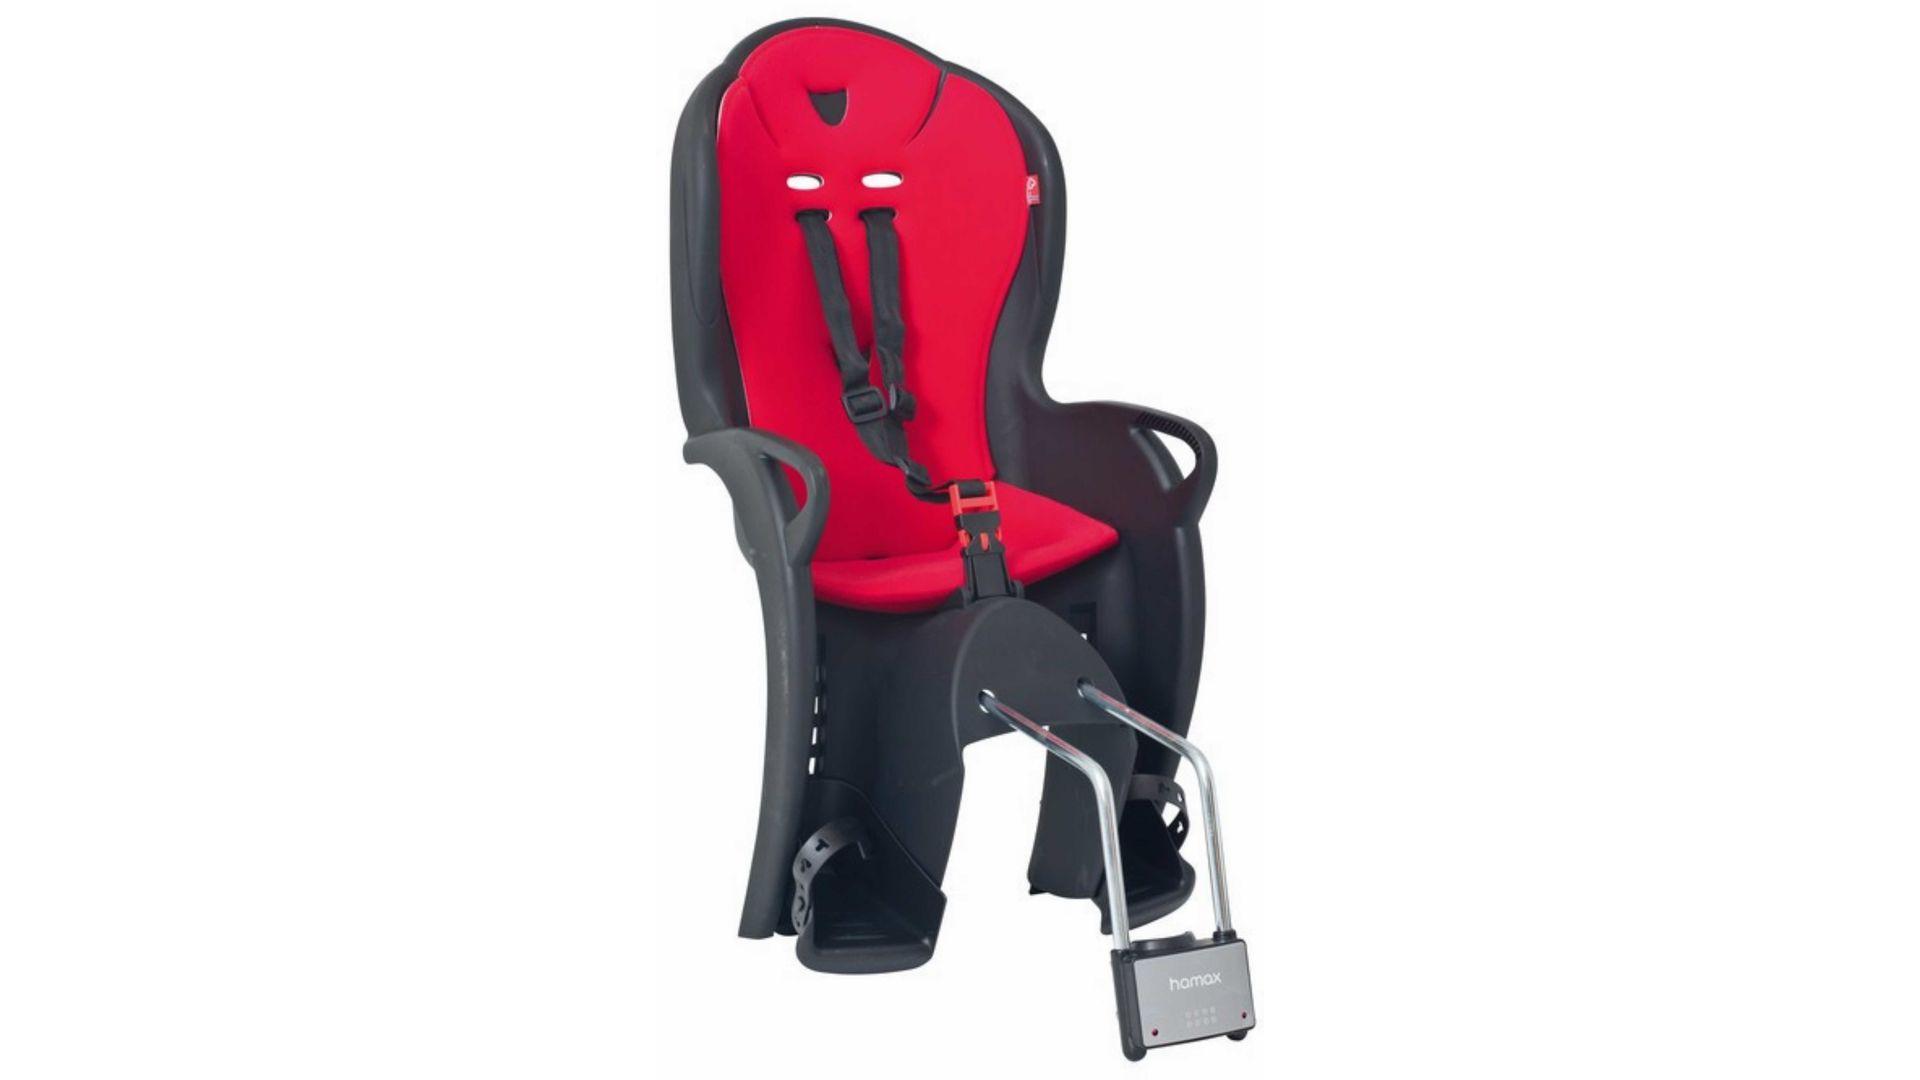 auto kindersitz zum mitnehmen amtc test wie sicher sind. Black Bedroom Furniture Sets. Home Design Ideas